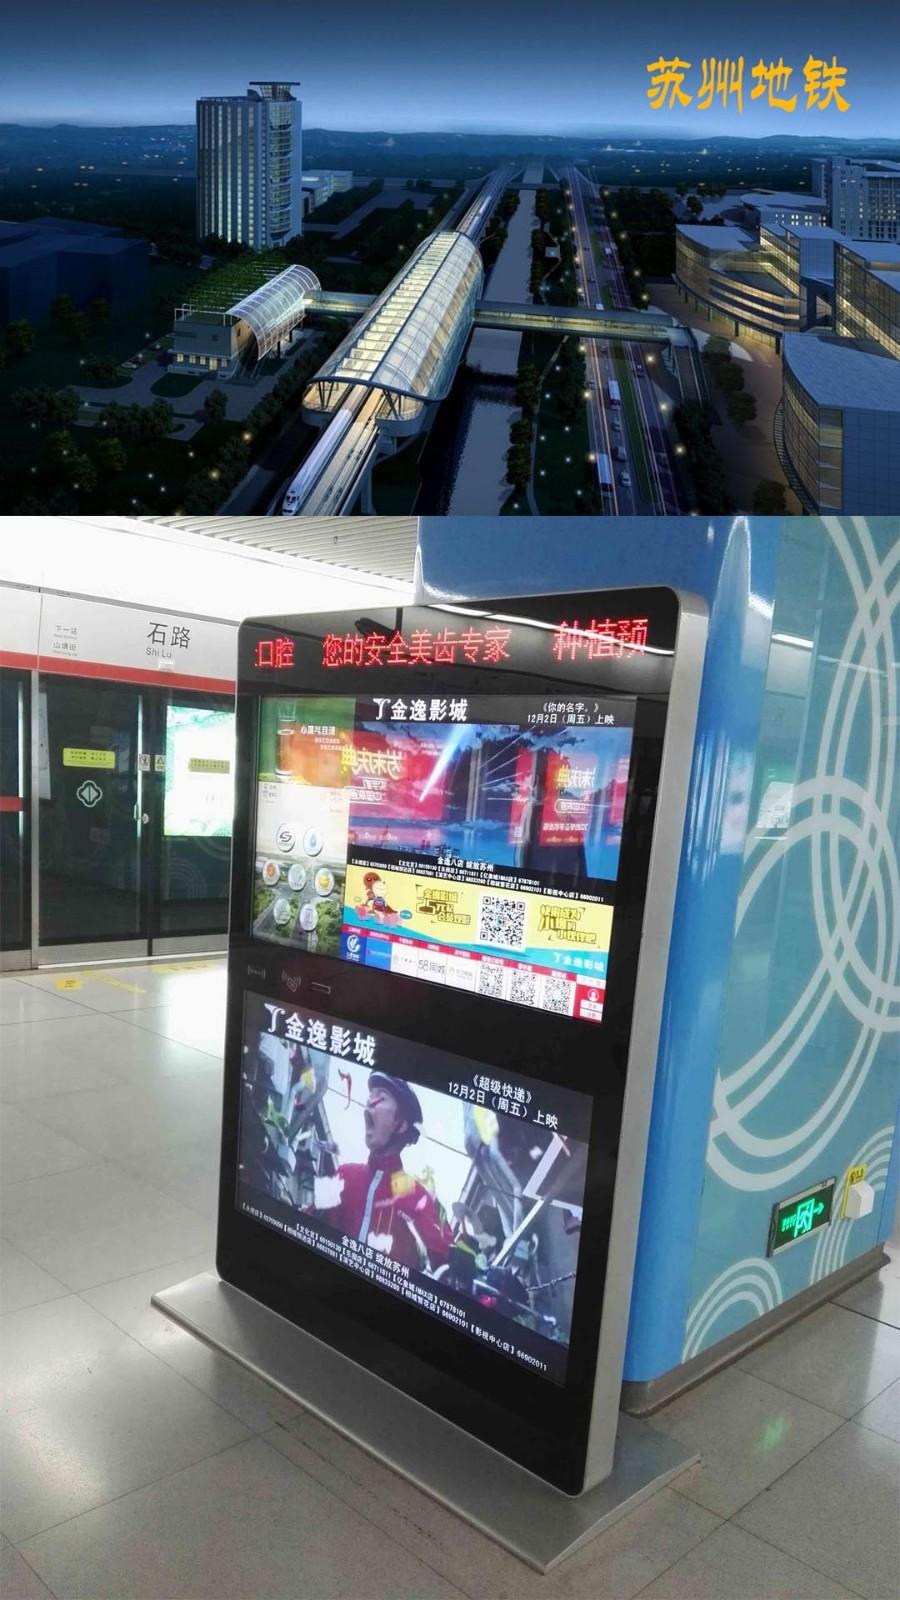 苏州地铁--55寸双屏触控一体机